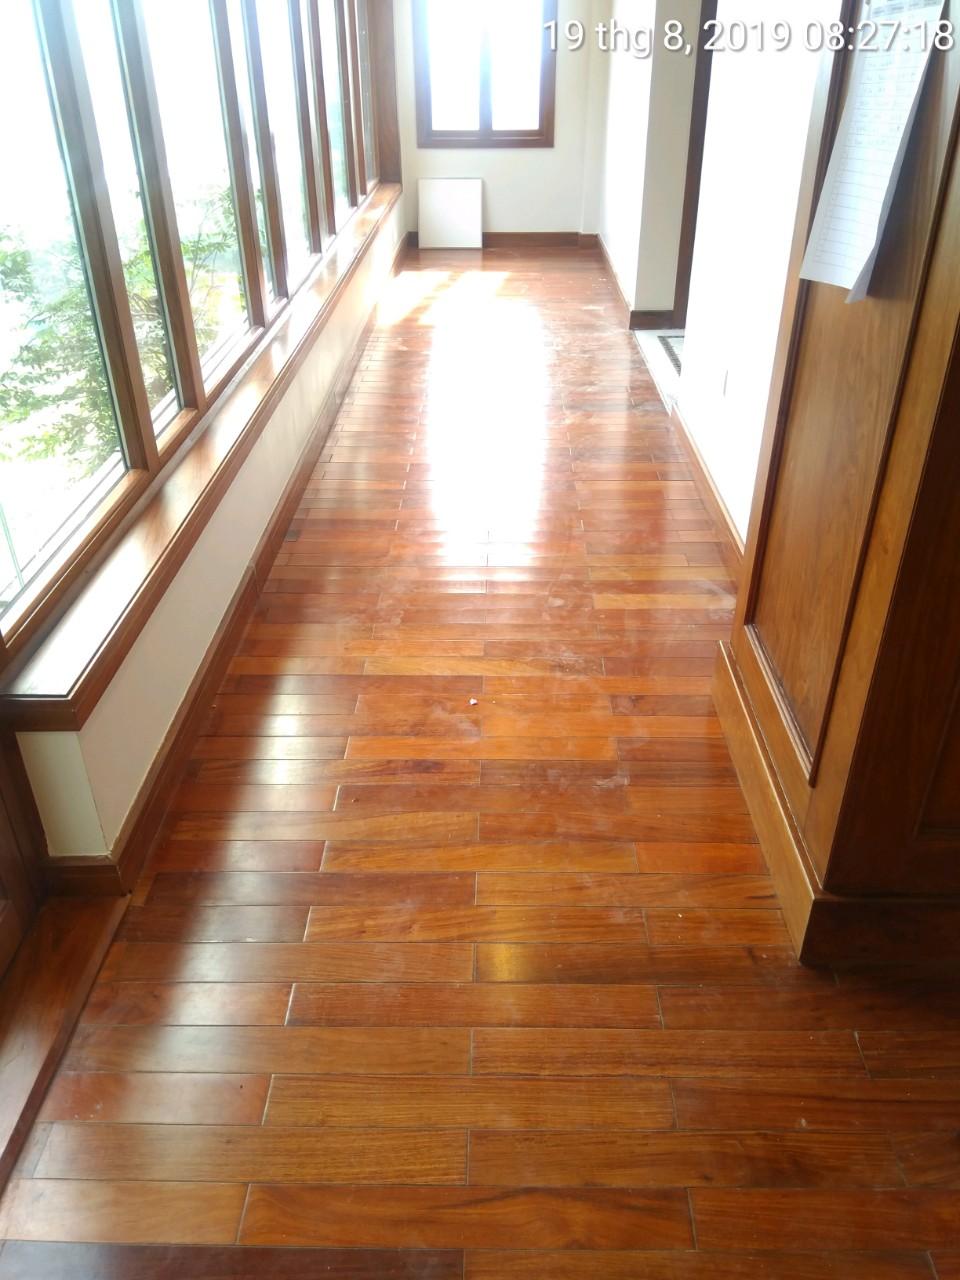 Hành lang văn phòng của công ty sản xuất gỗ